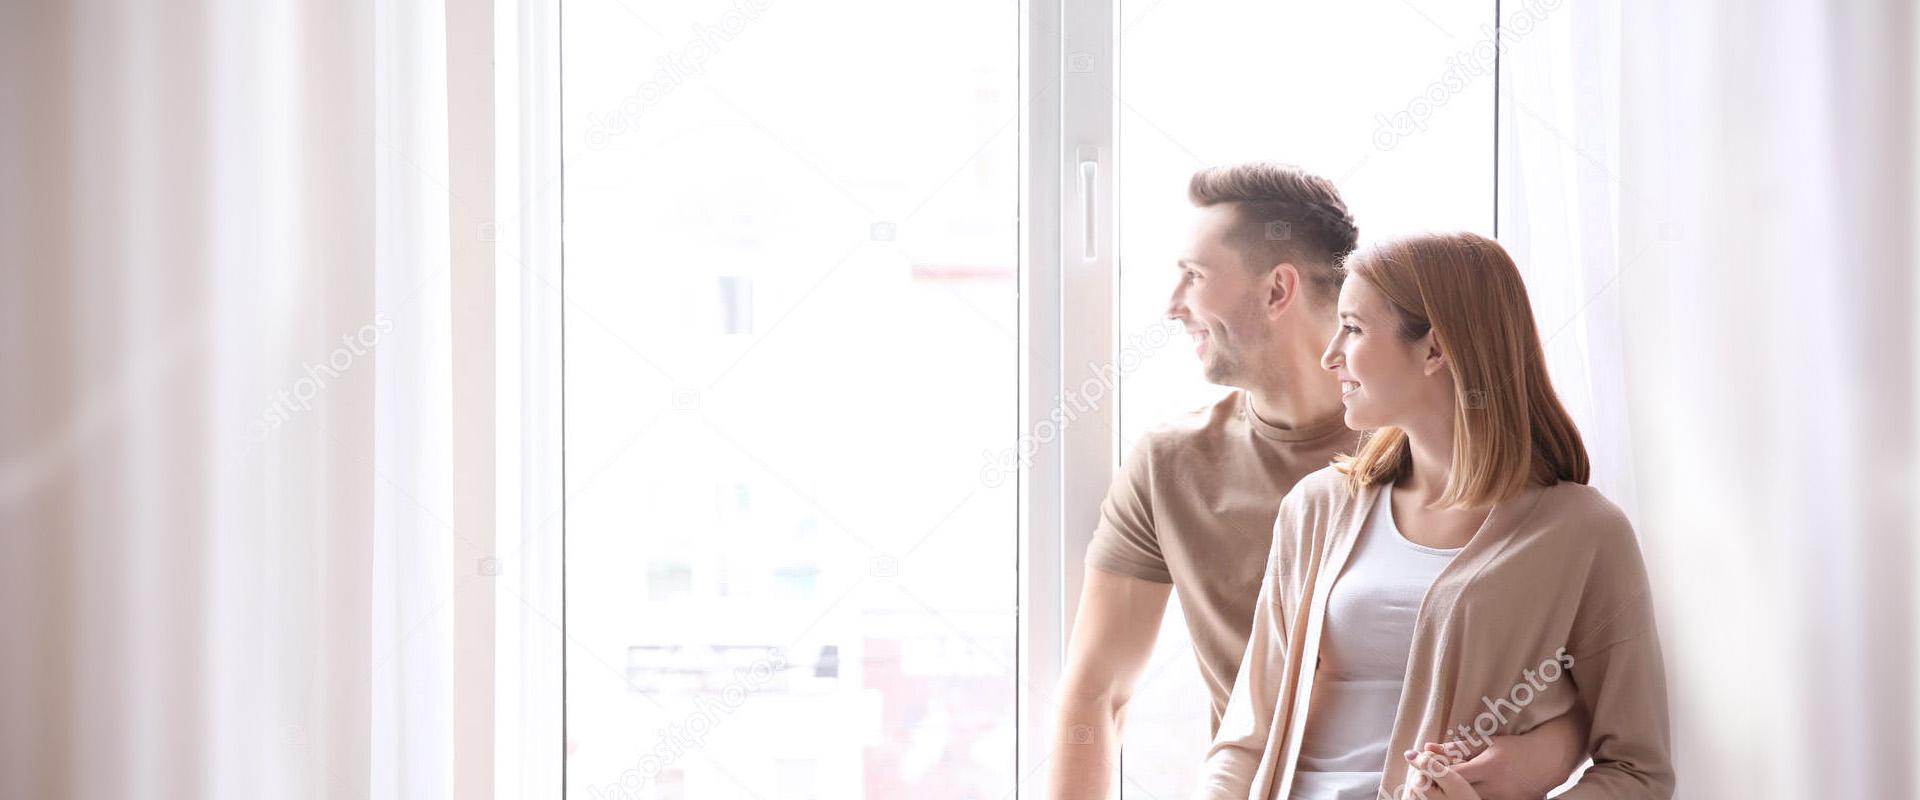 Картинка фоновая окно в квартиру Ижевск